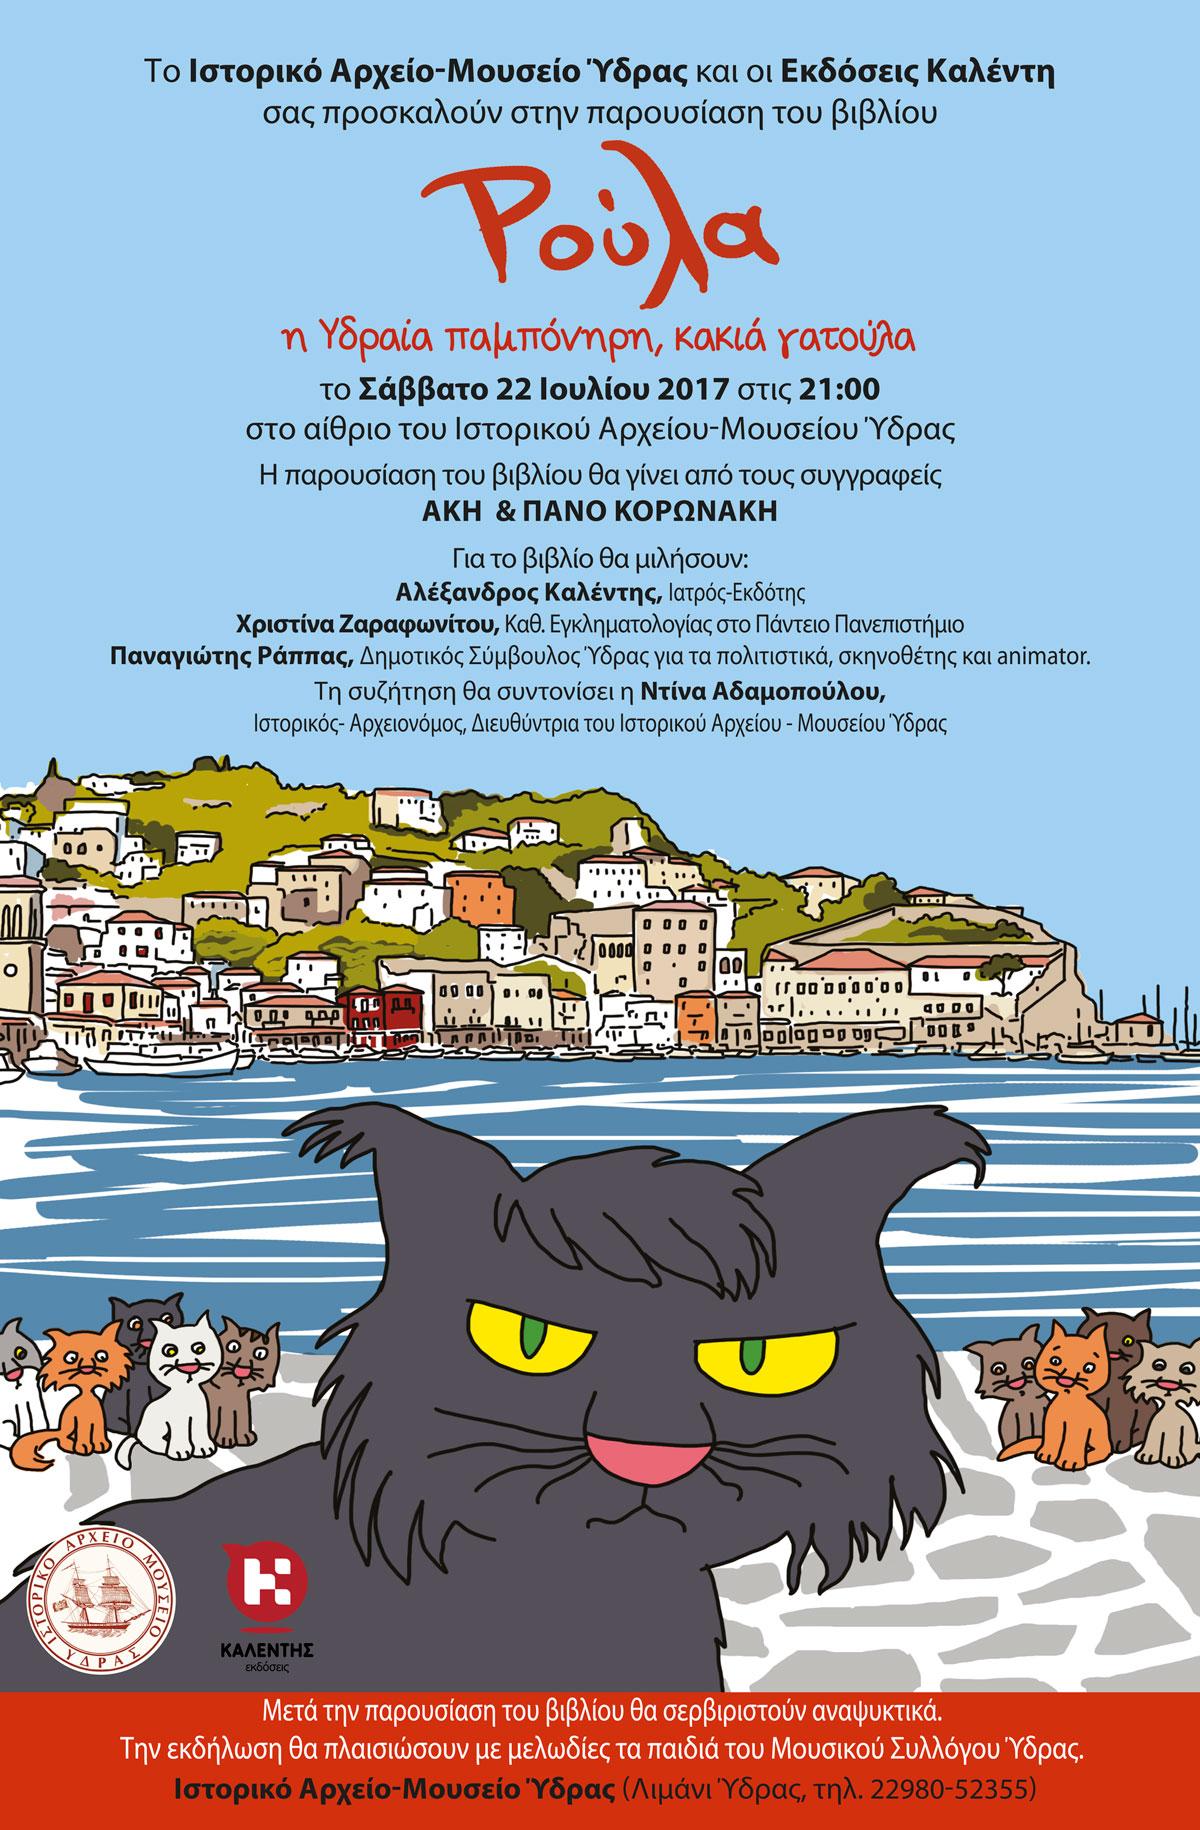 Παρουσίαση του βιβλίου «Ρούλα, η Υδραία παμπόνηρη, κακιά γατούλα» των Άκη και Πάνου Κορωνάκη στο αίθριο του Ιστορικού Αρχείου-Μουσείου Ύδρας